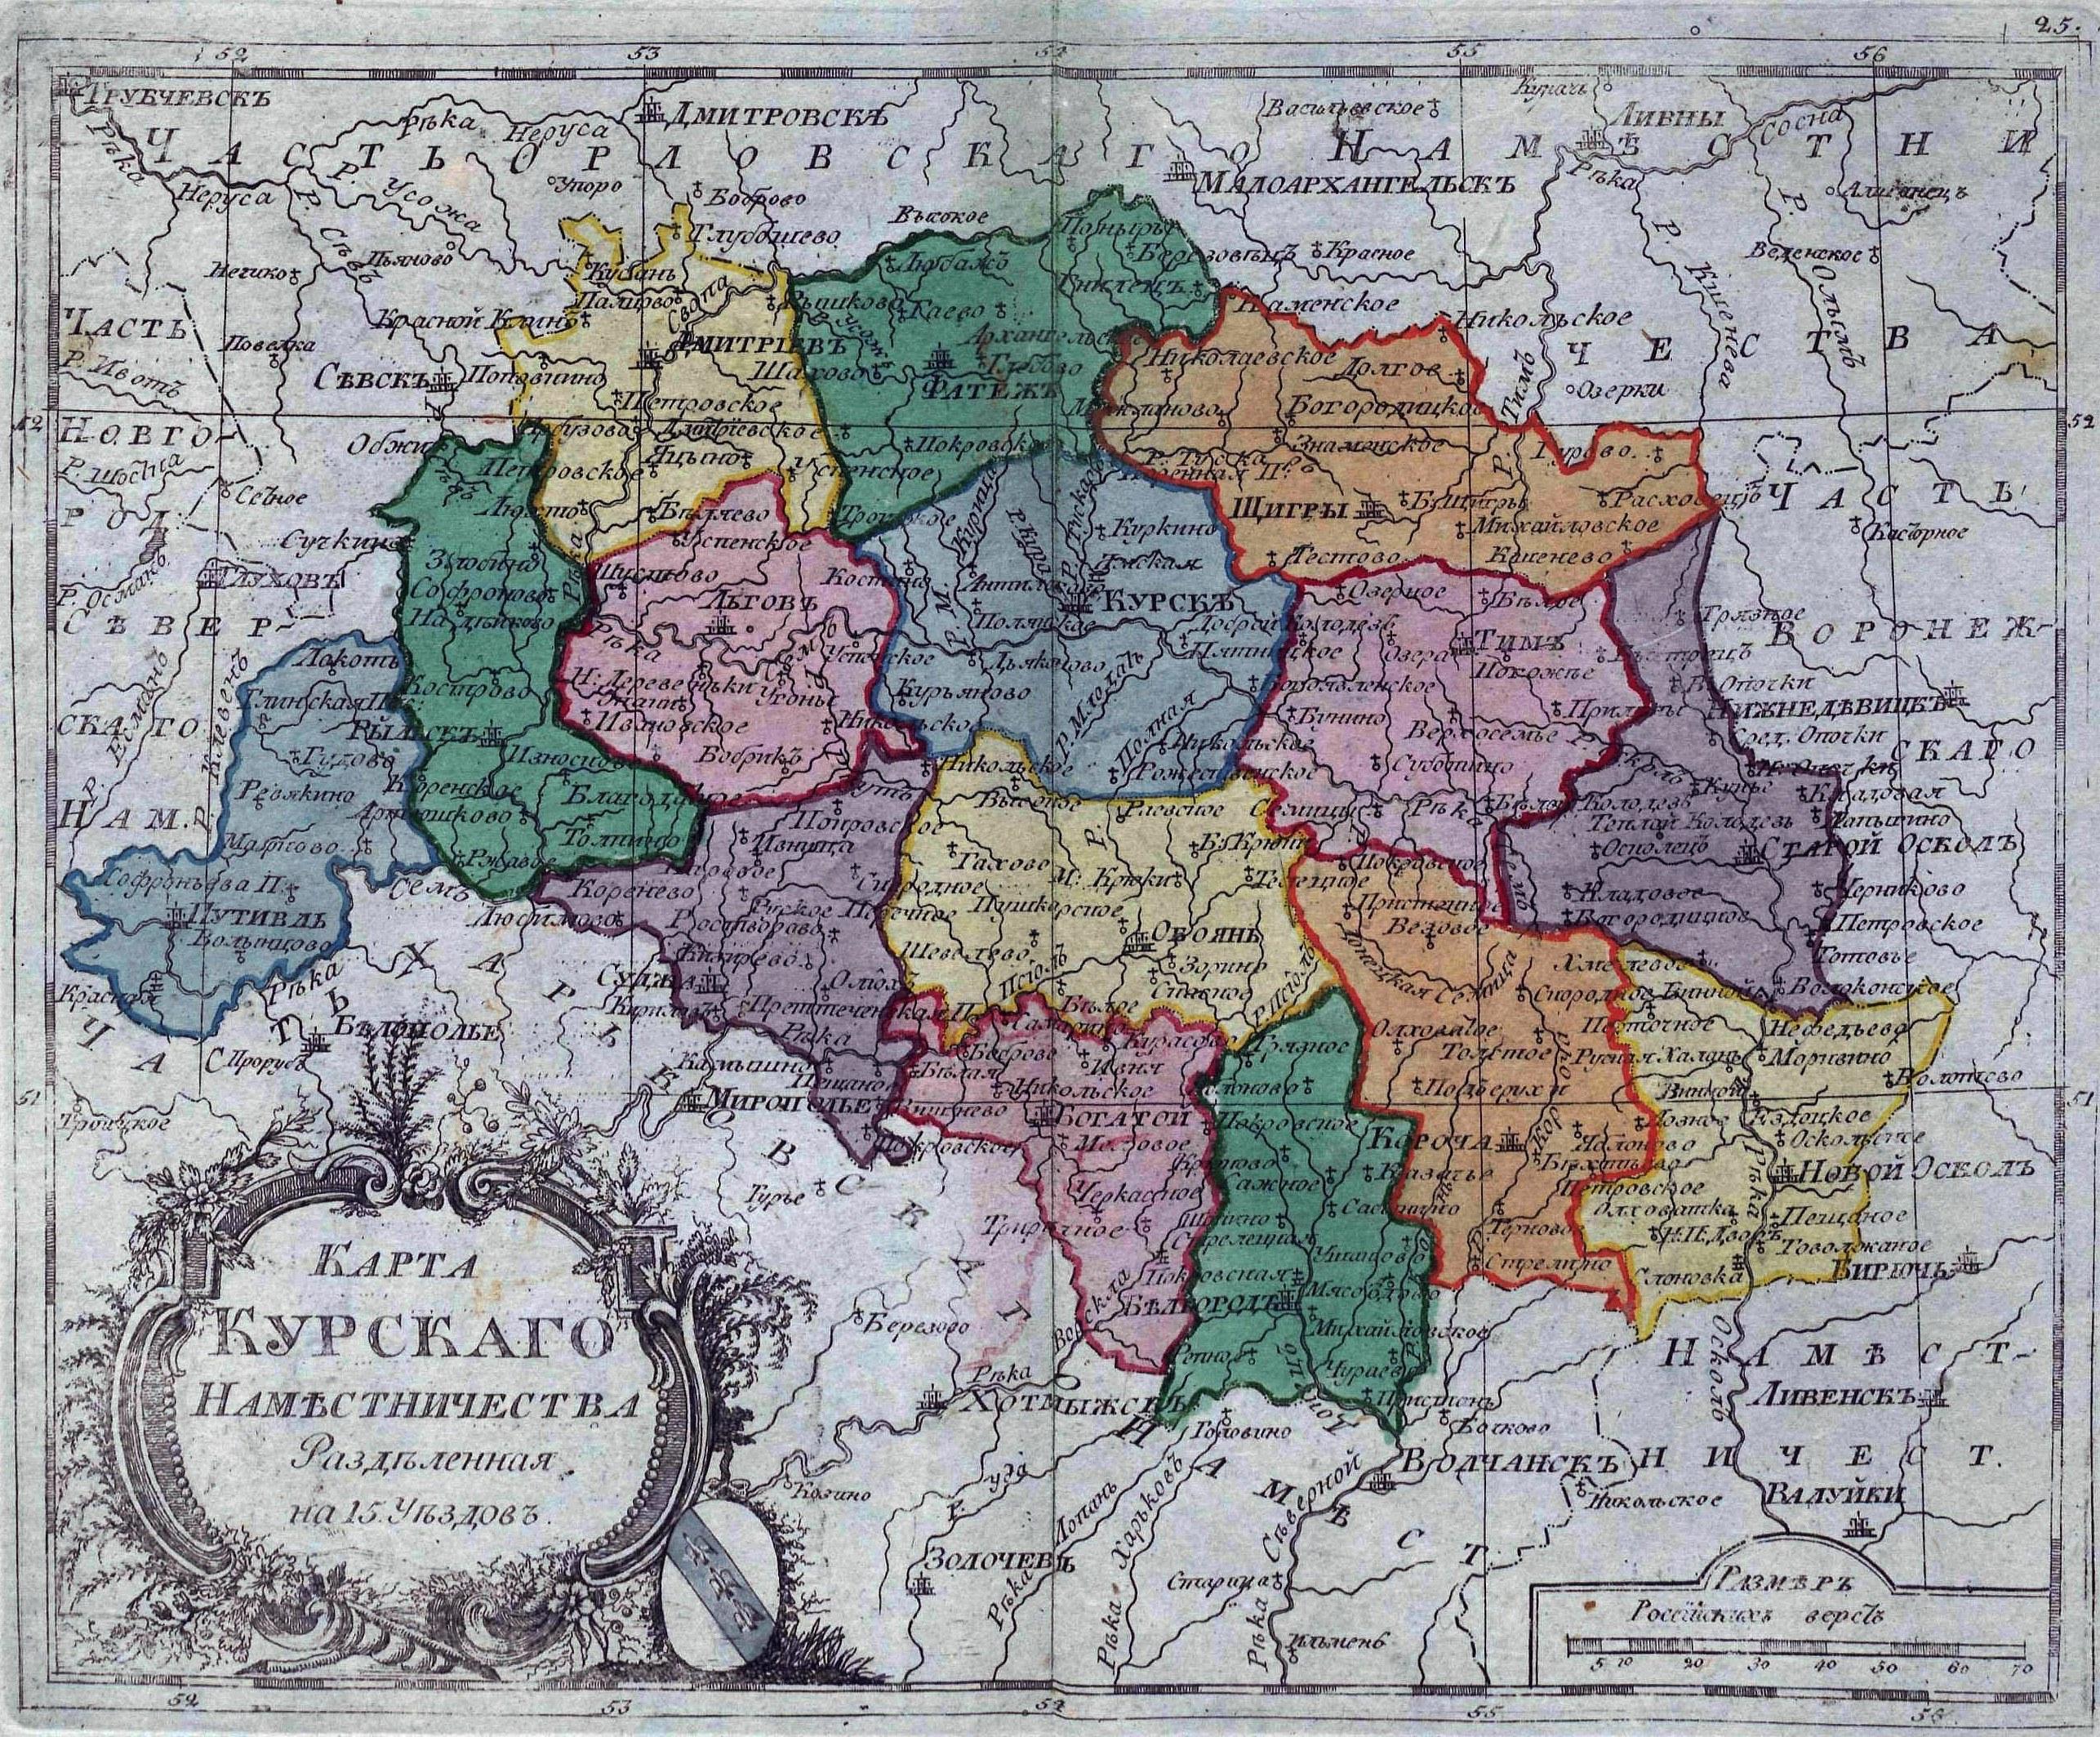 Карта Курского наместничества из 15 уездов, 1796г